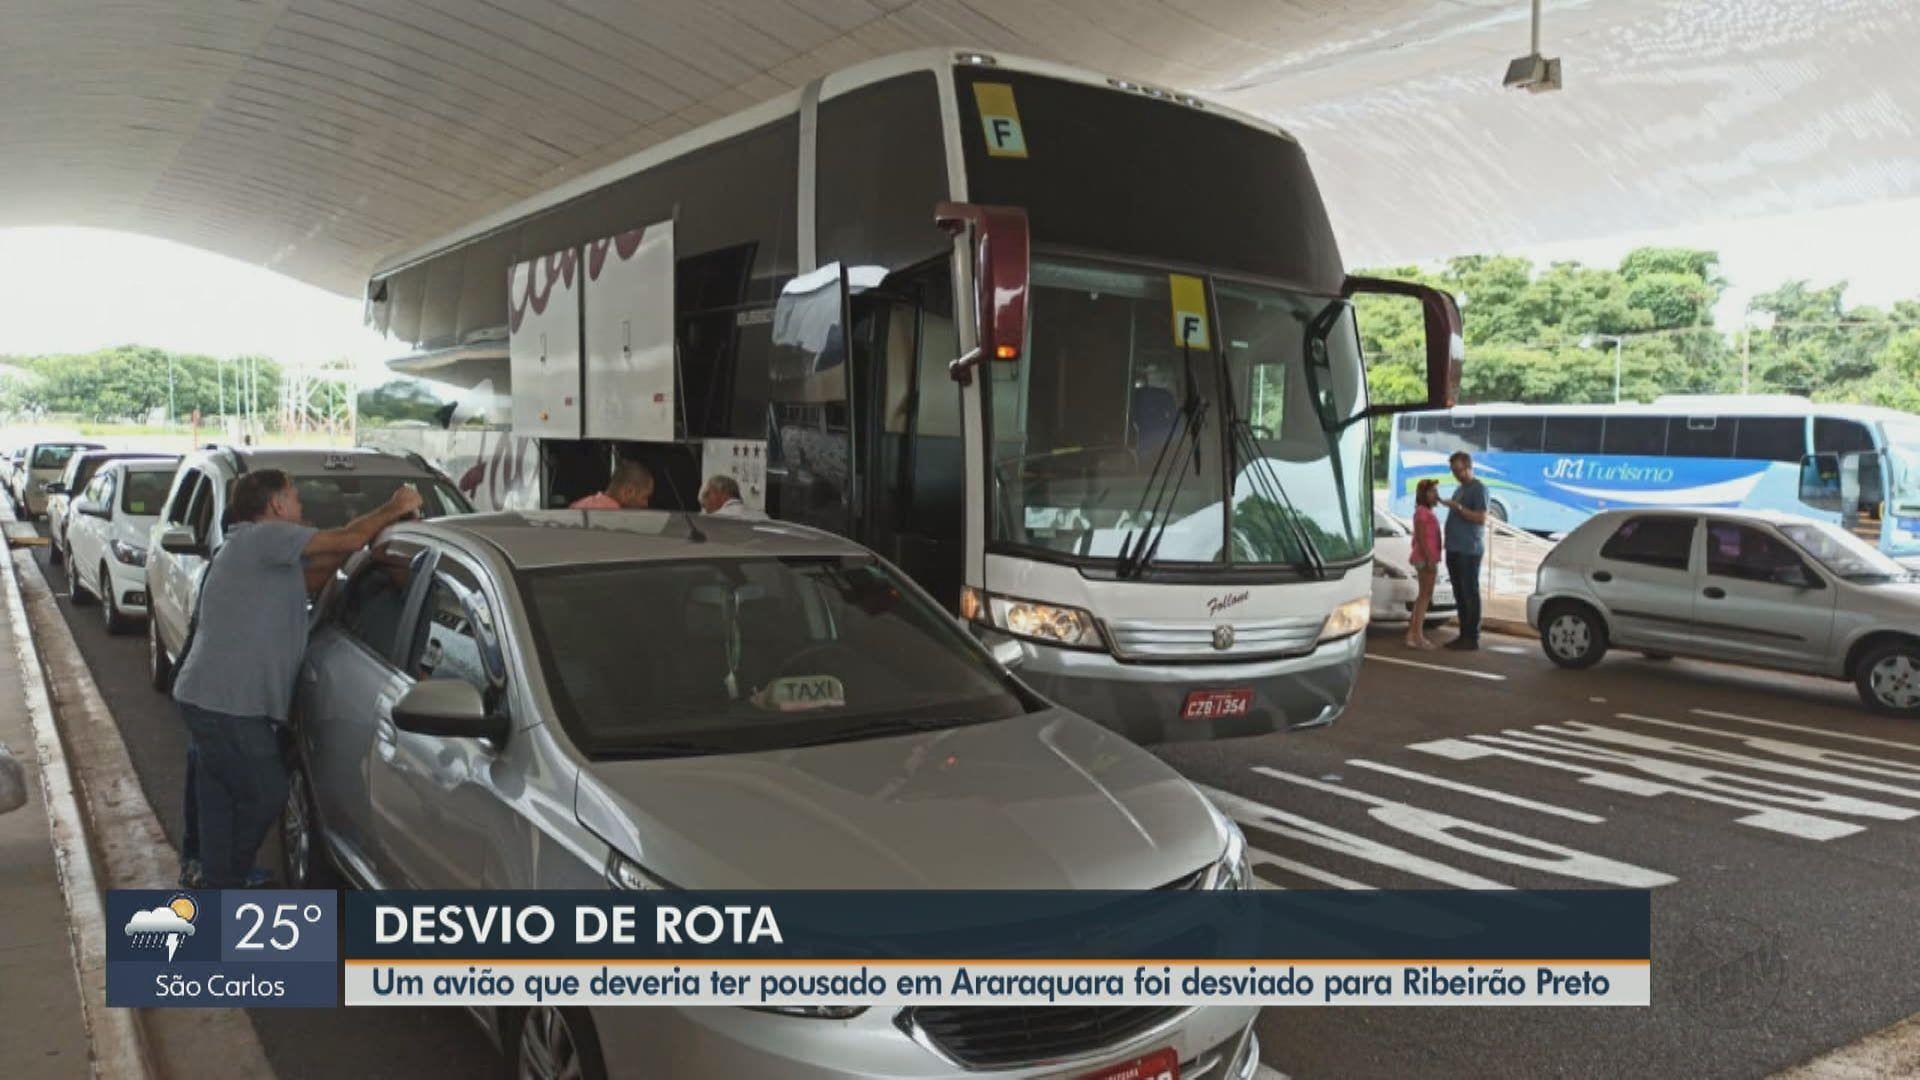 VÍDEOS: Reveja as reportagens do EPTV1 desta quinta-feira, 23 de janeiro